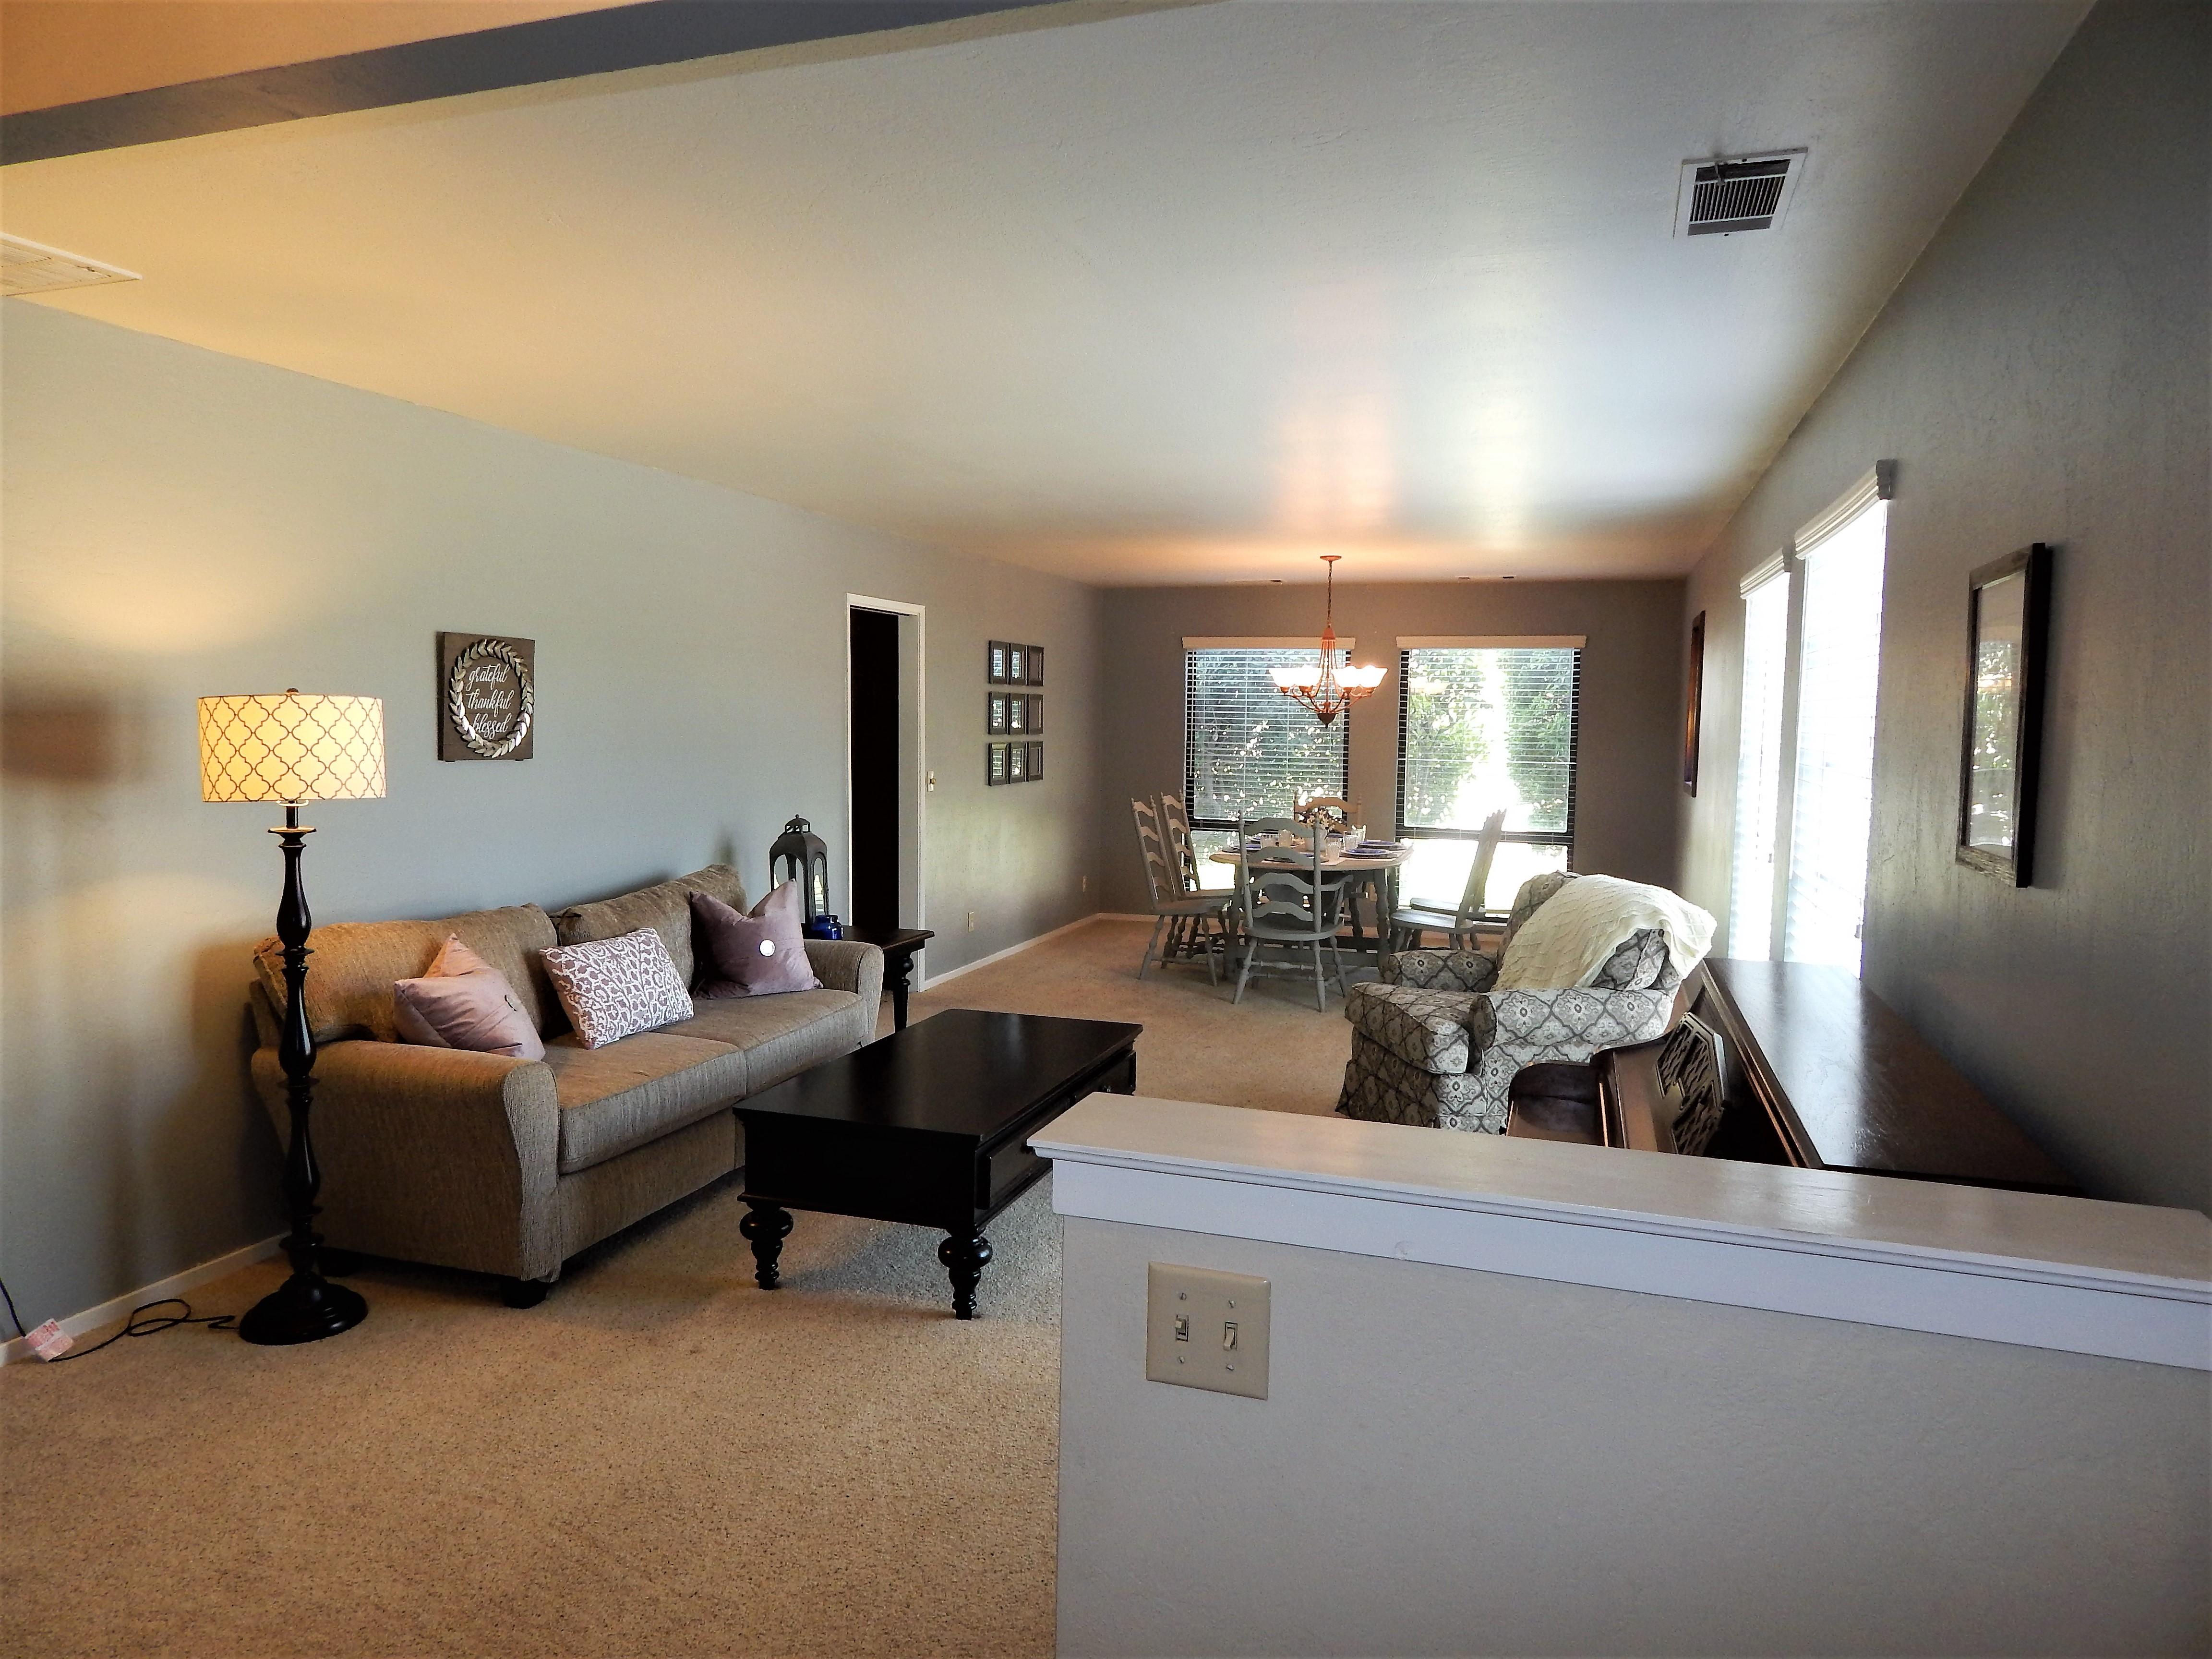 Home Sweet Home!  For Sale, $289,000.  1535 West Harter Avenue, Visalia, Ca 93277